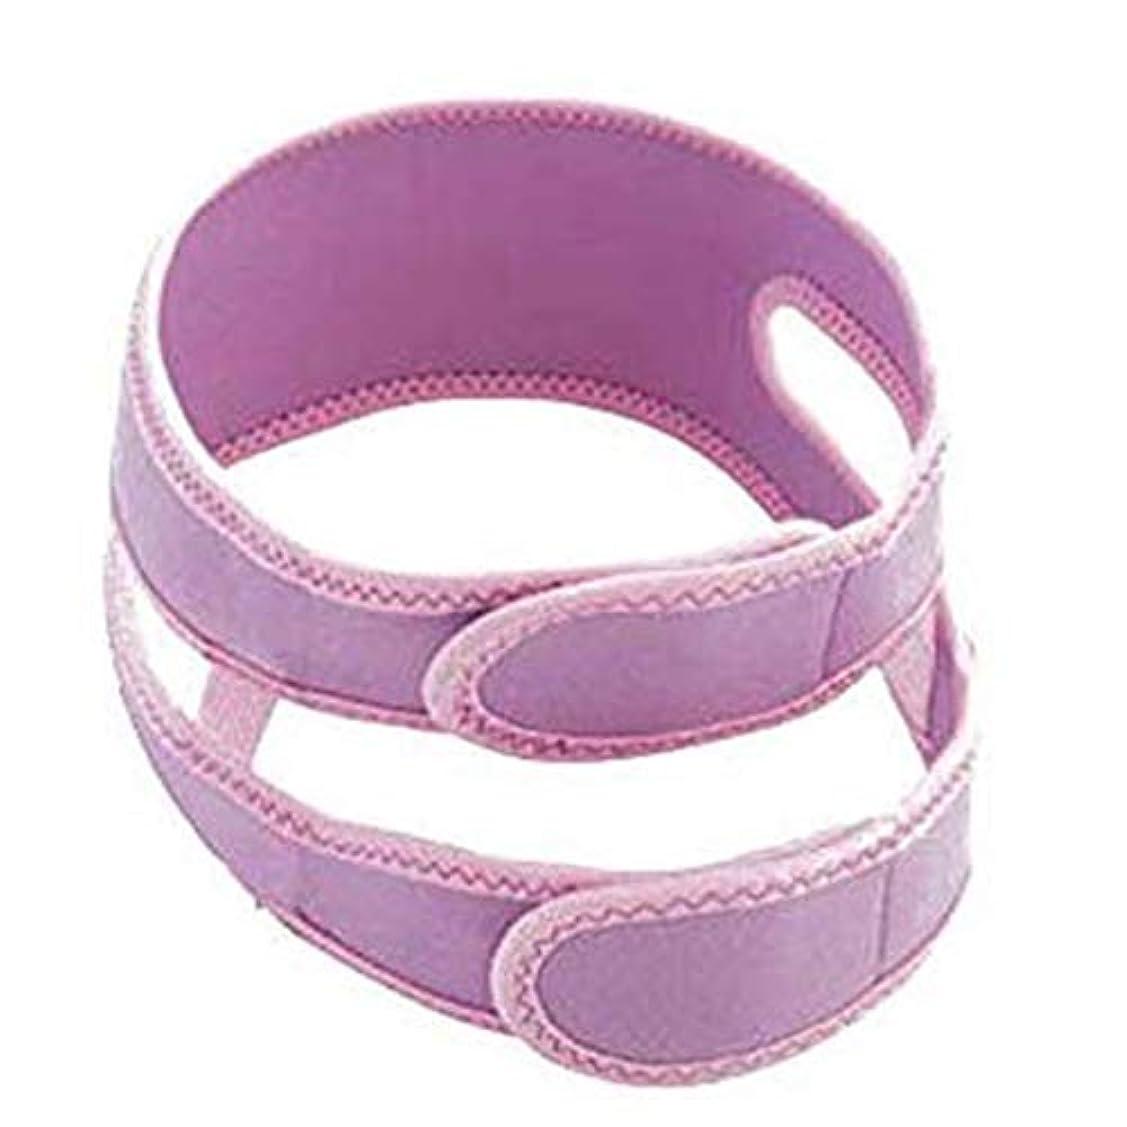 車しばしば鍔HUYYA ファーミングストラップリフティングフェイスリフティング包帯、V字ベルト補正ベルト ダブルチンヘルスケアスキンケアチン,Purple_Large